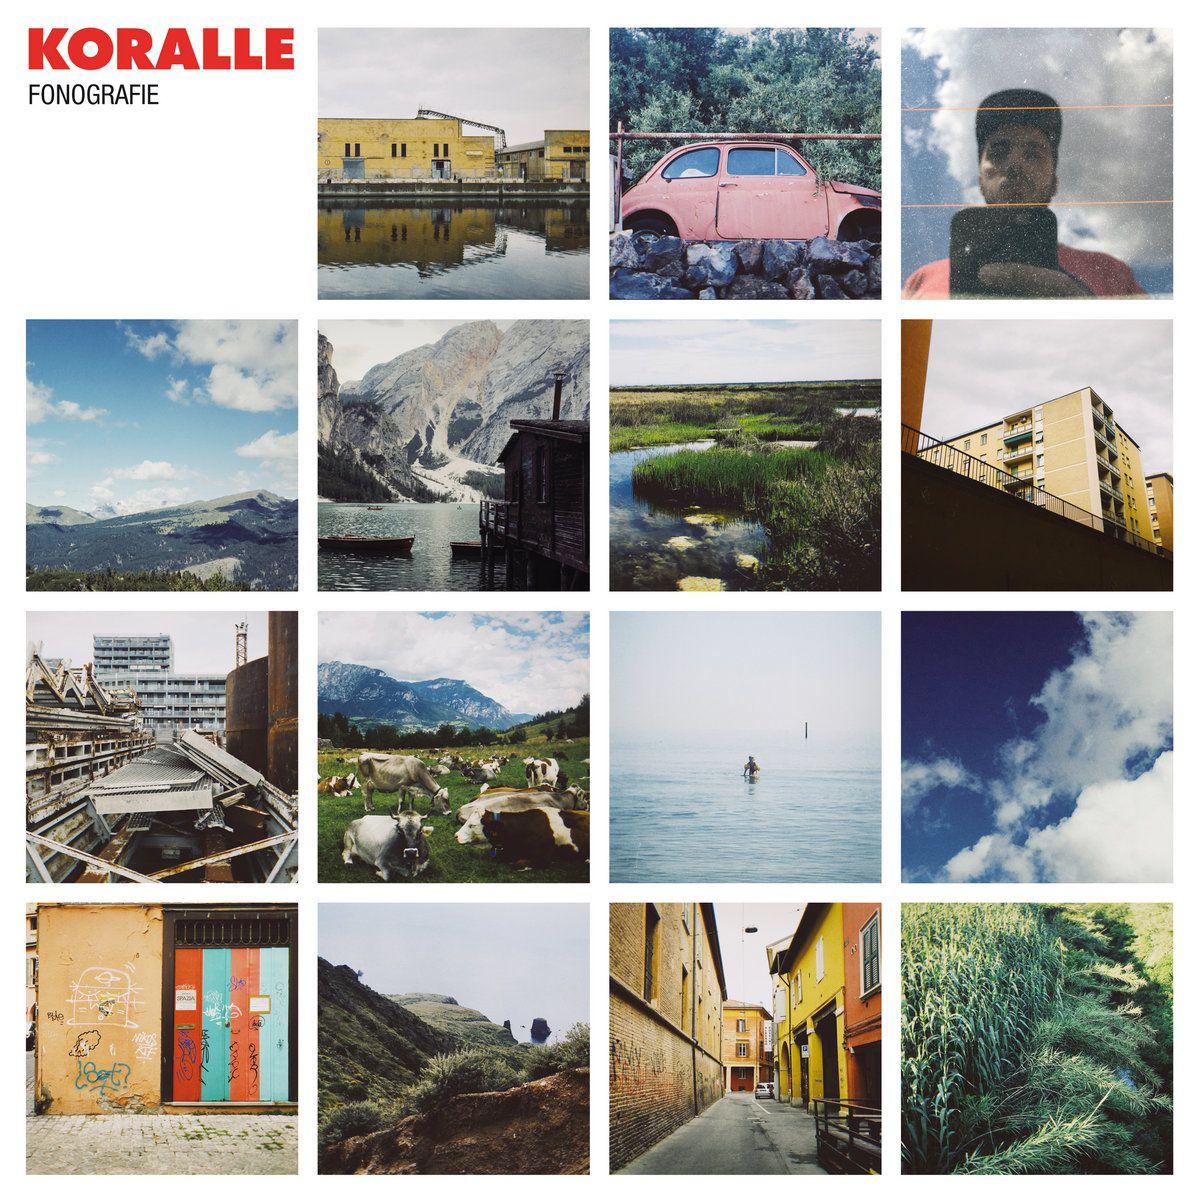 Hoje à noite n'O Sótão. A Fonografia de Koralle